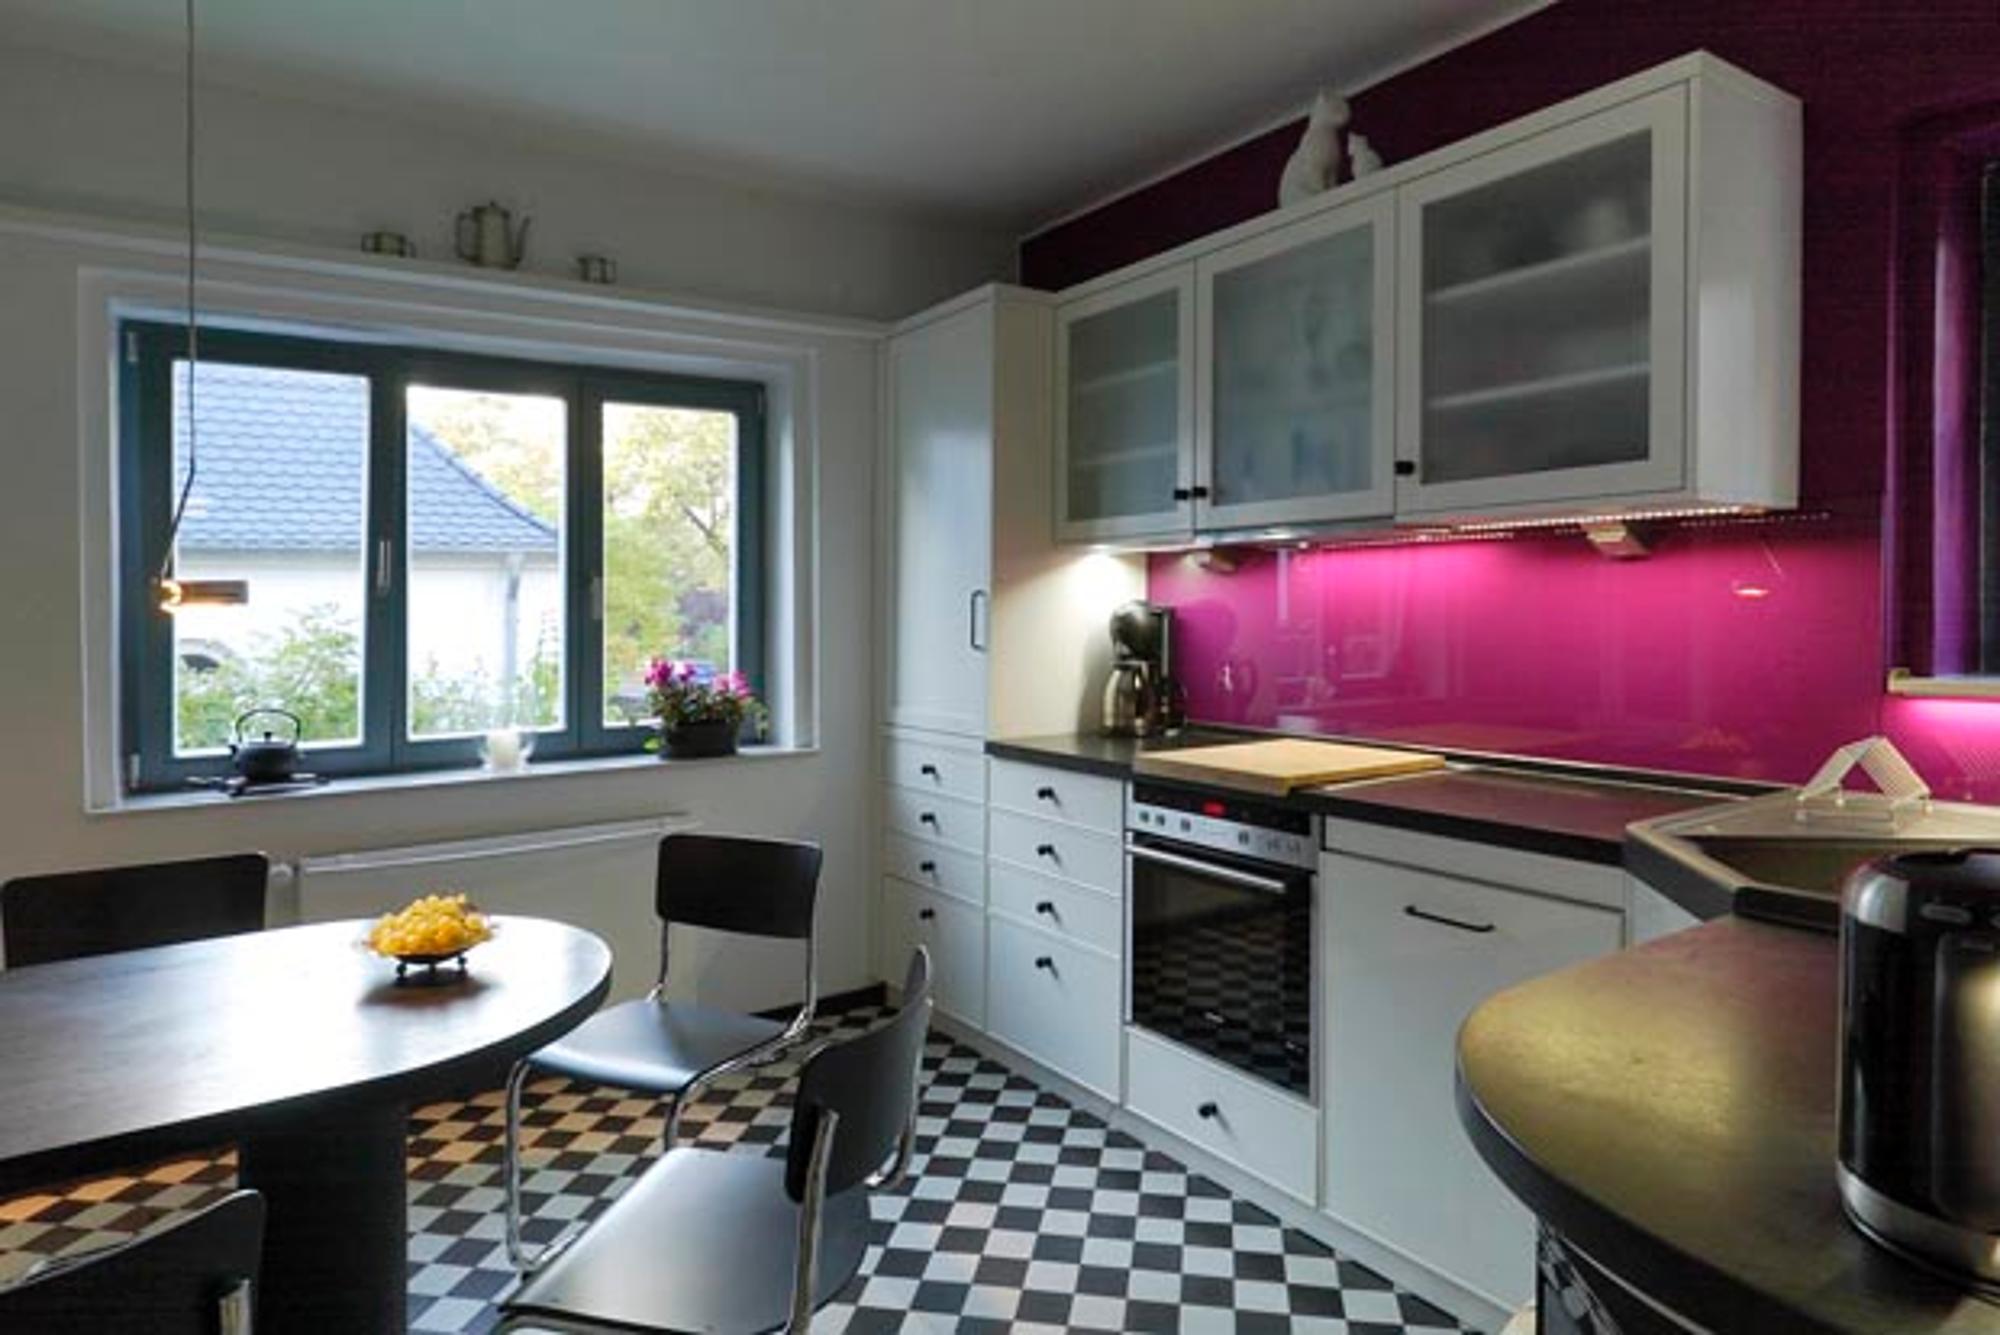 Wohnträume: Küche mit besonderem Lichtdesign ausgestattet | Wohnen